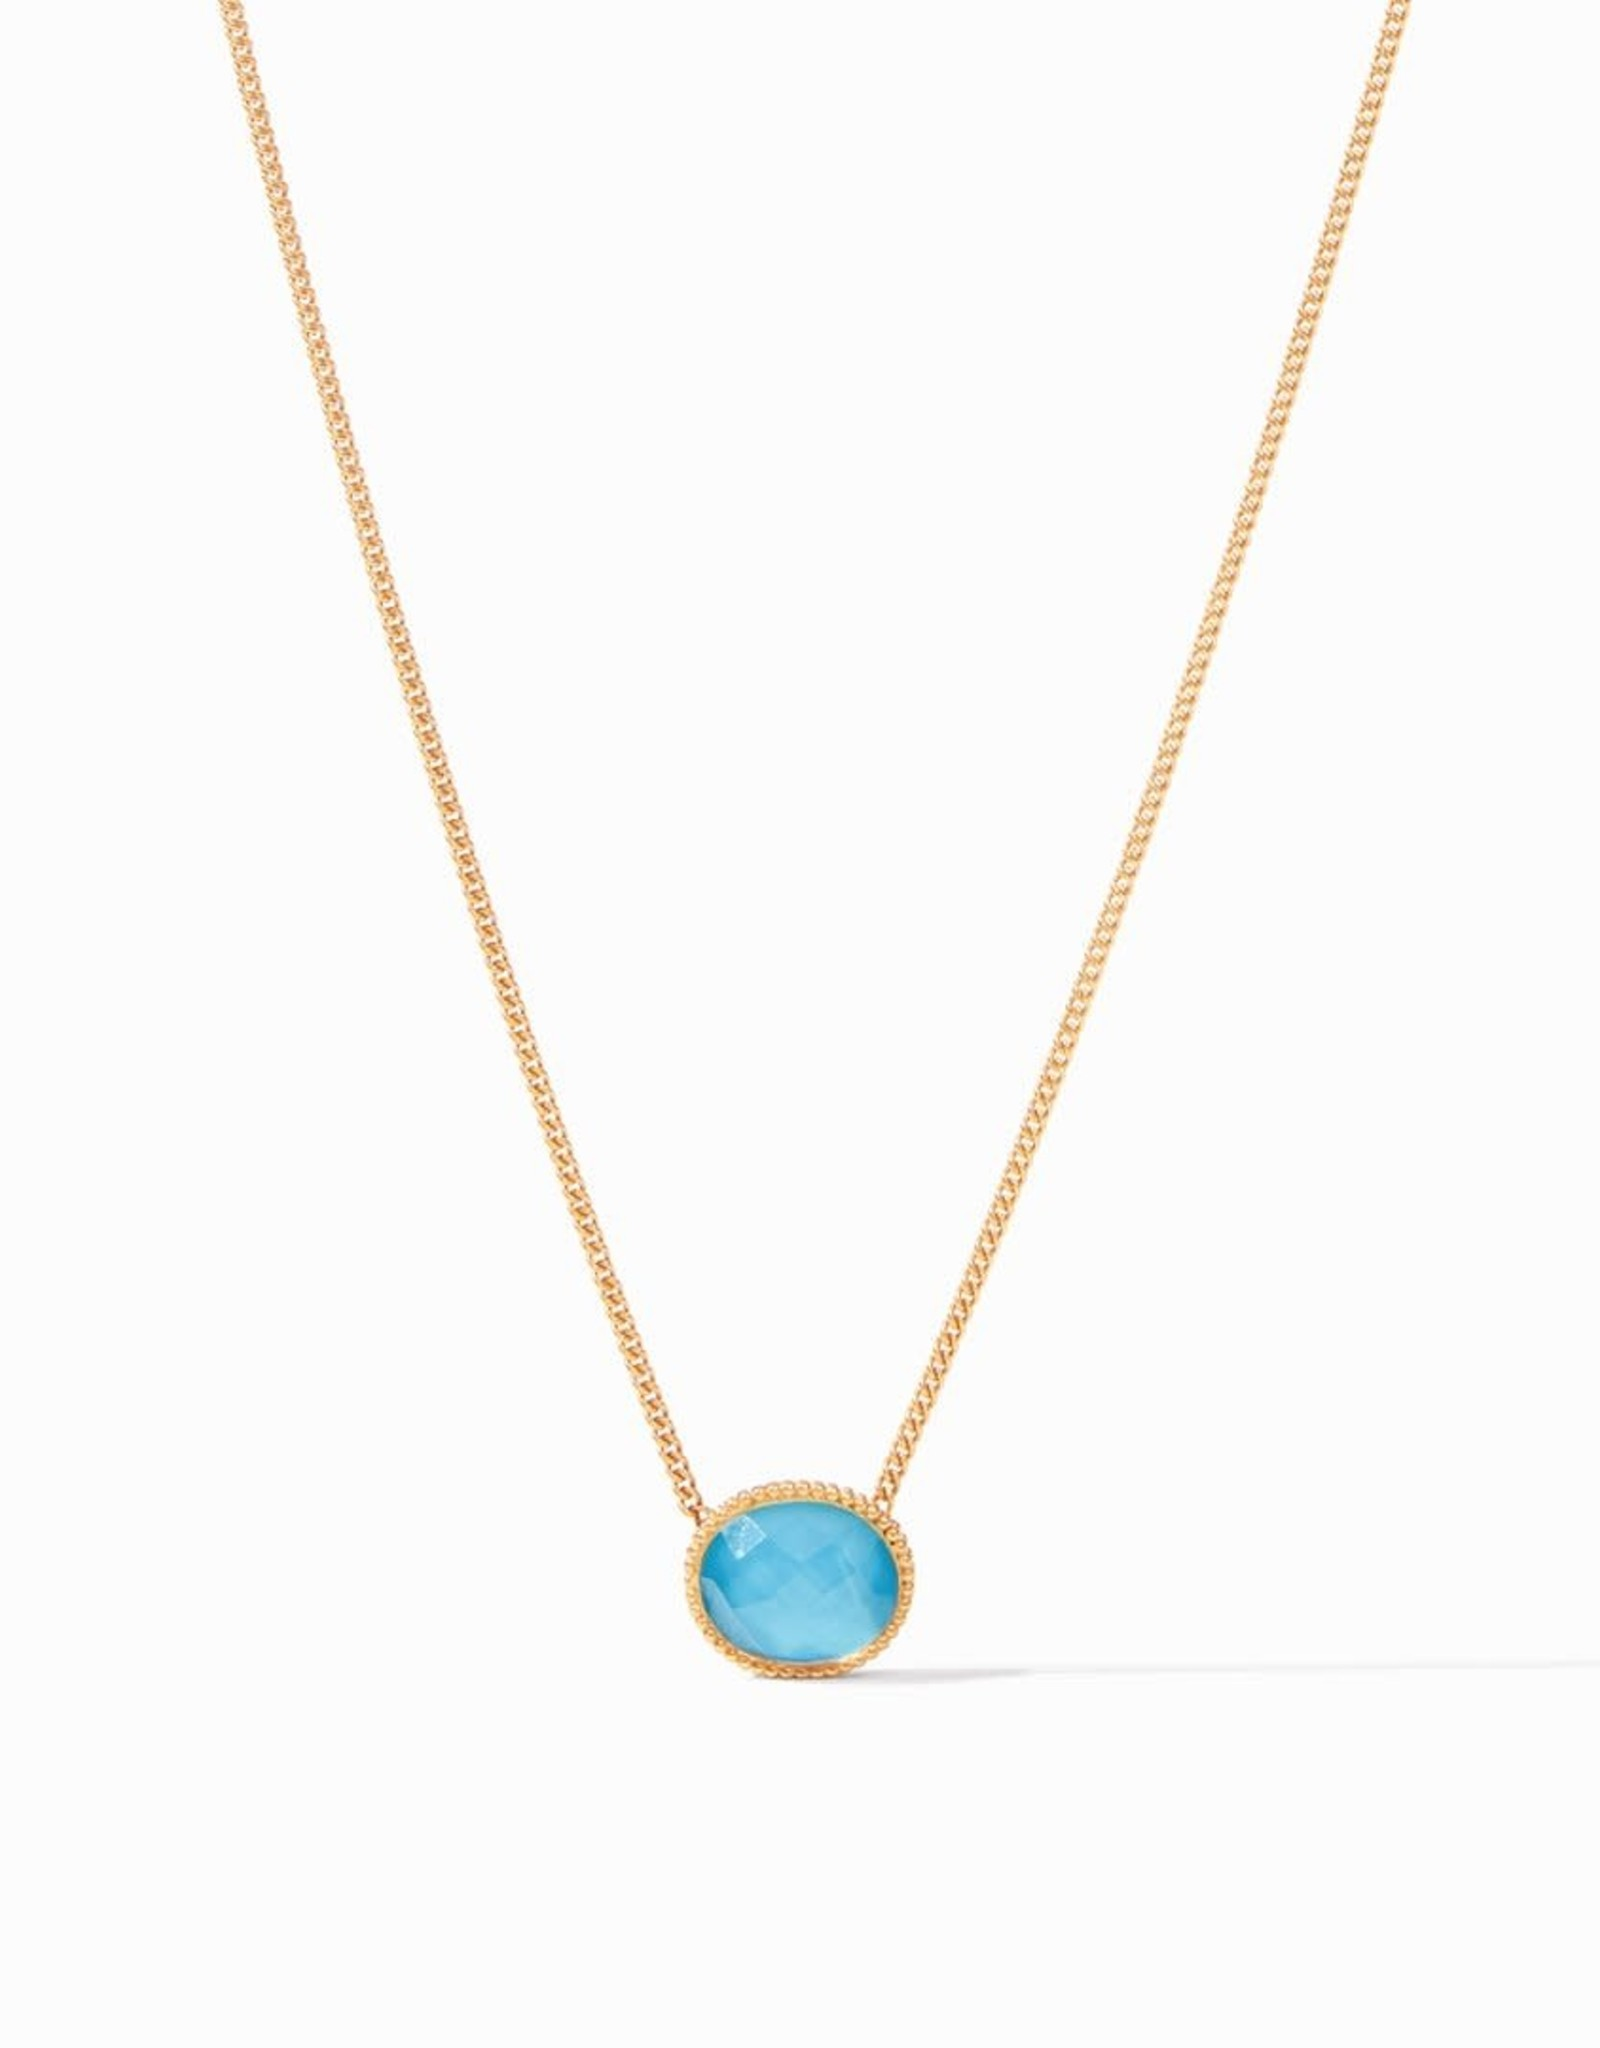 Julie Vos Julie Vos Verona Solitaire Necklace Iridescent Pacific Blue